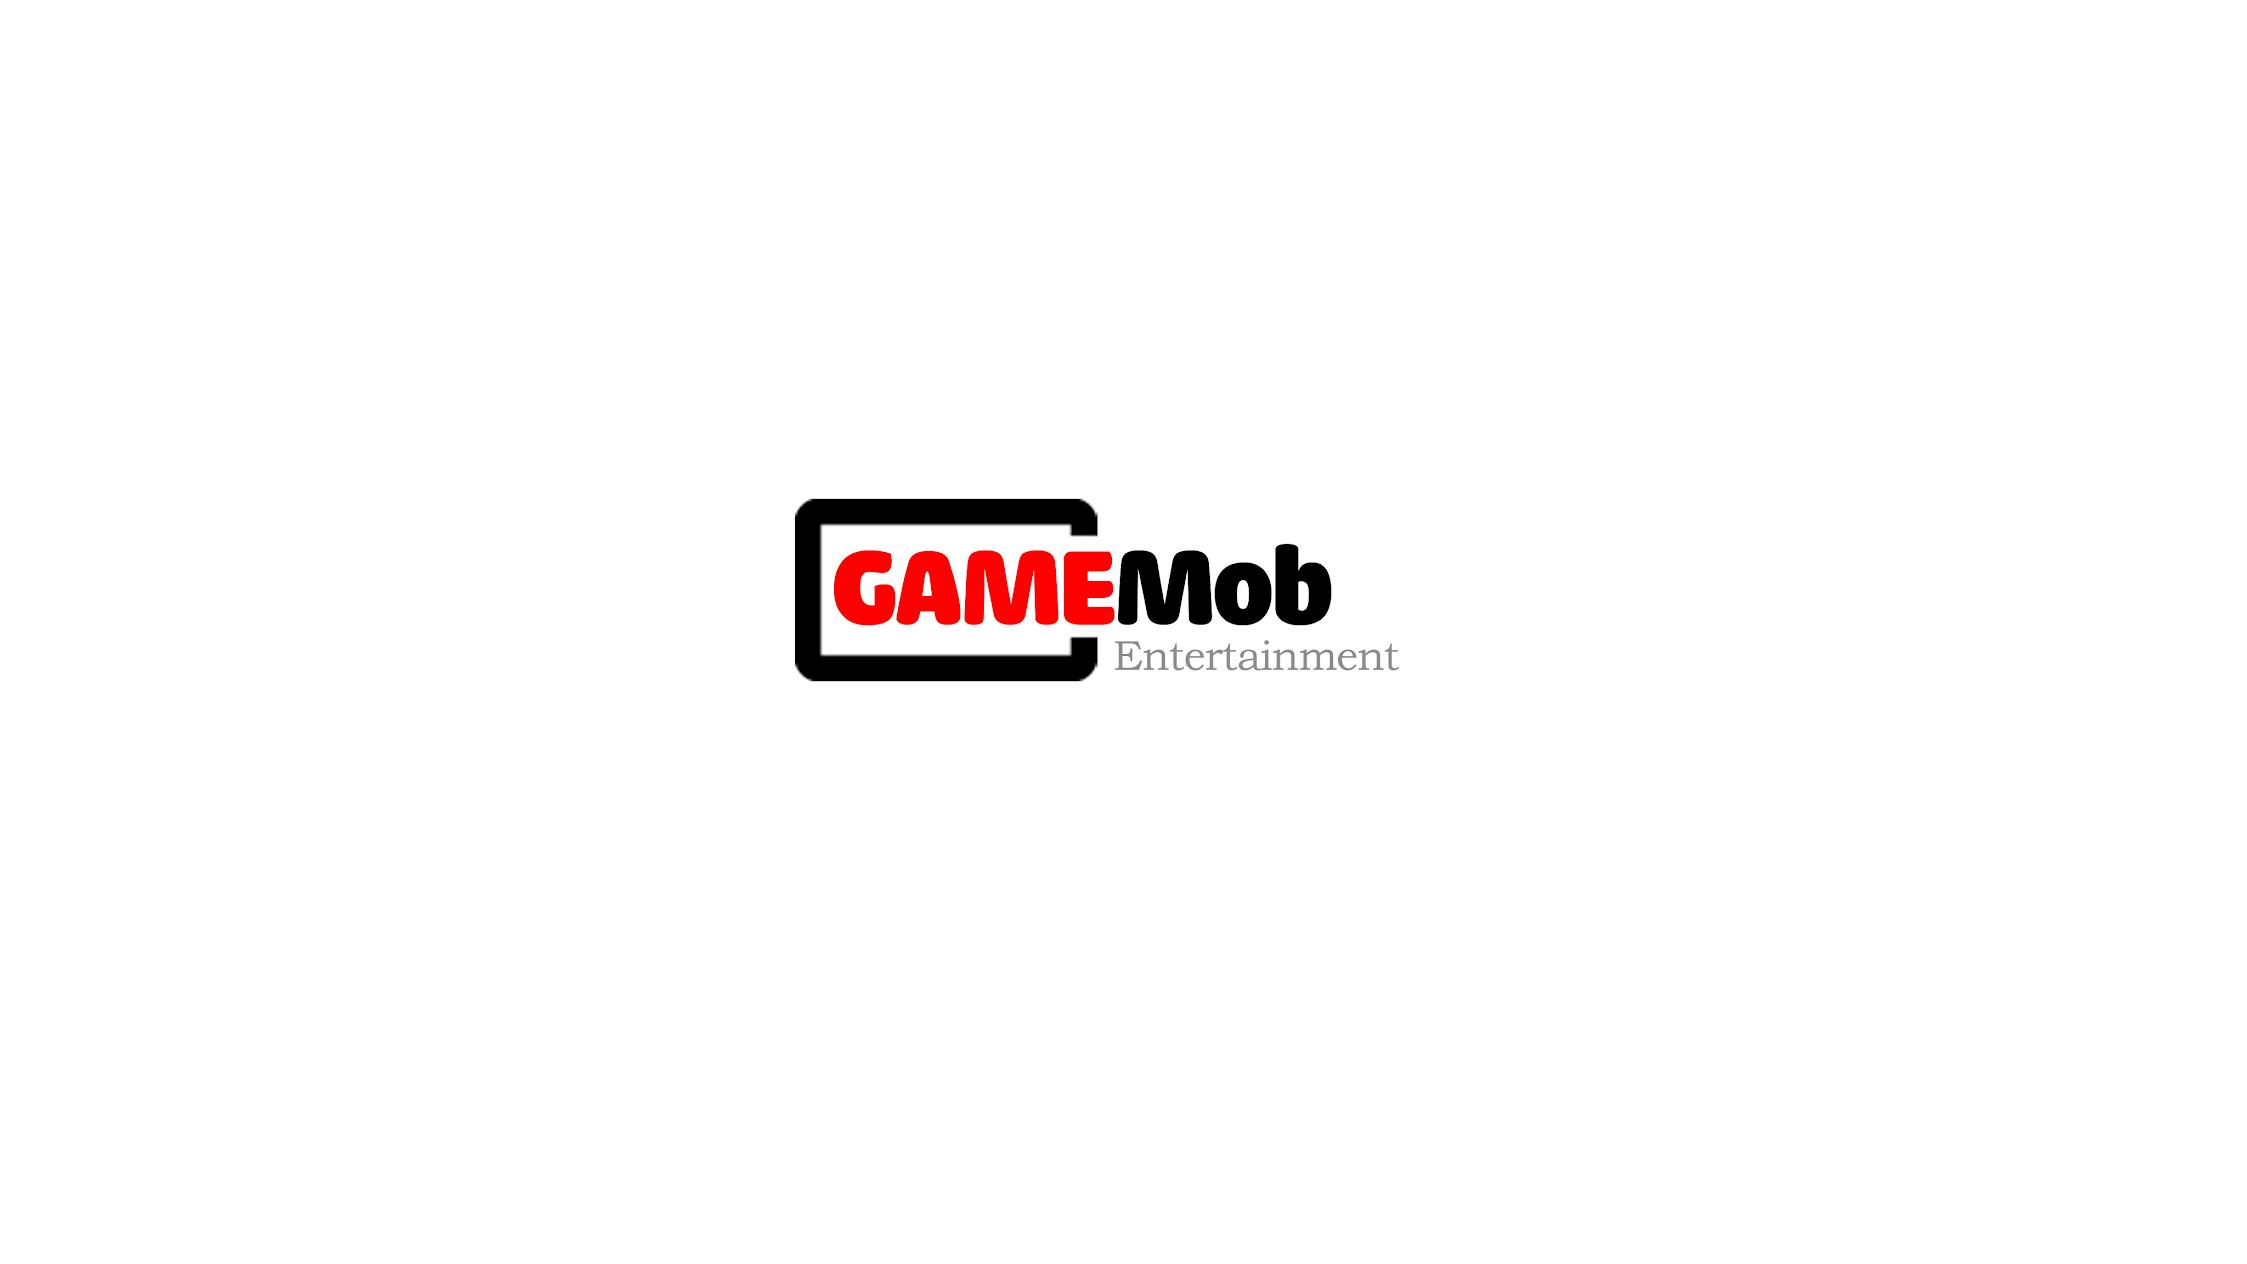 🍀🍀🍀 GAMEMOB 🎮 Entertainment 🍀🍀🍀